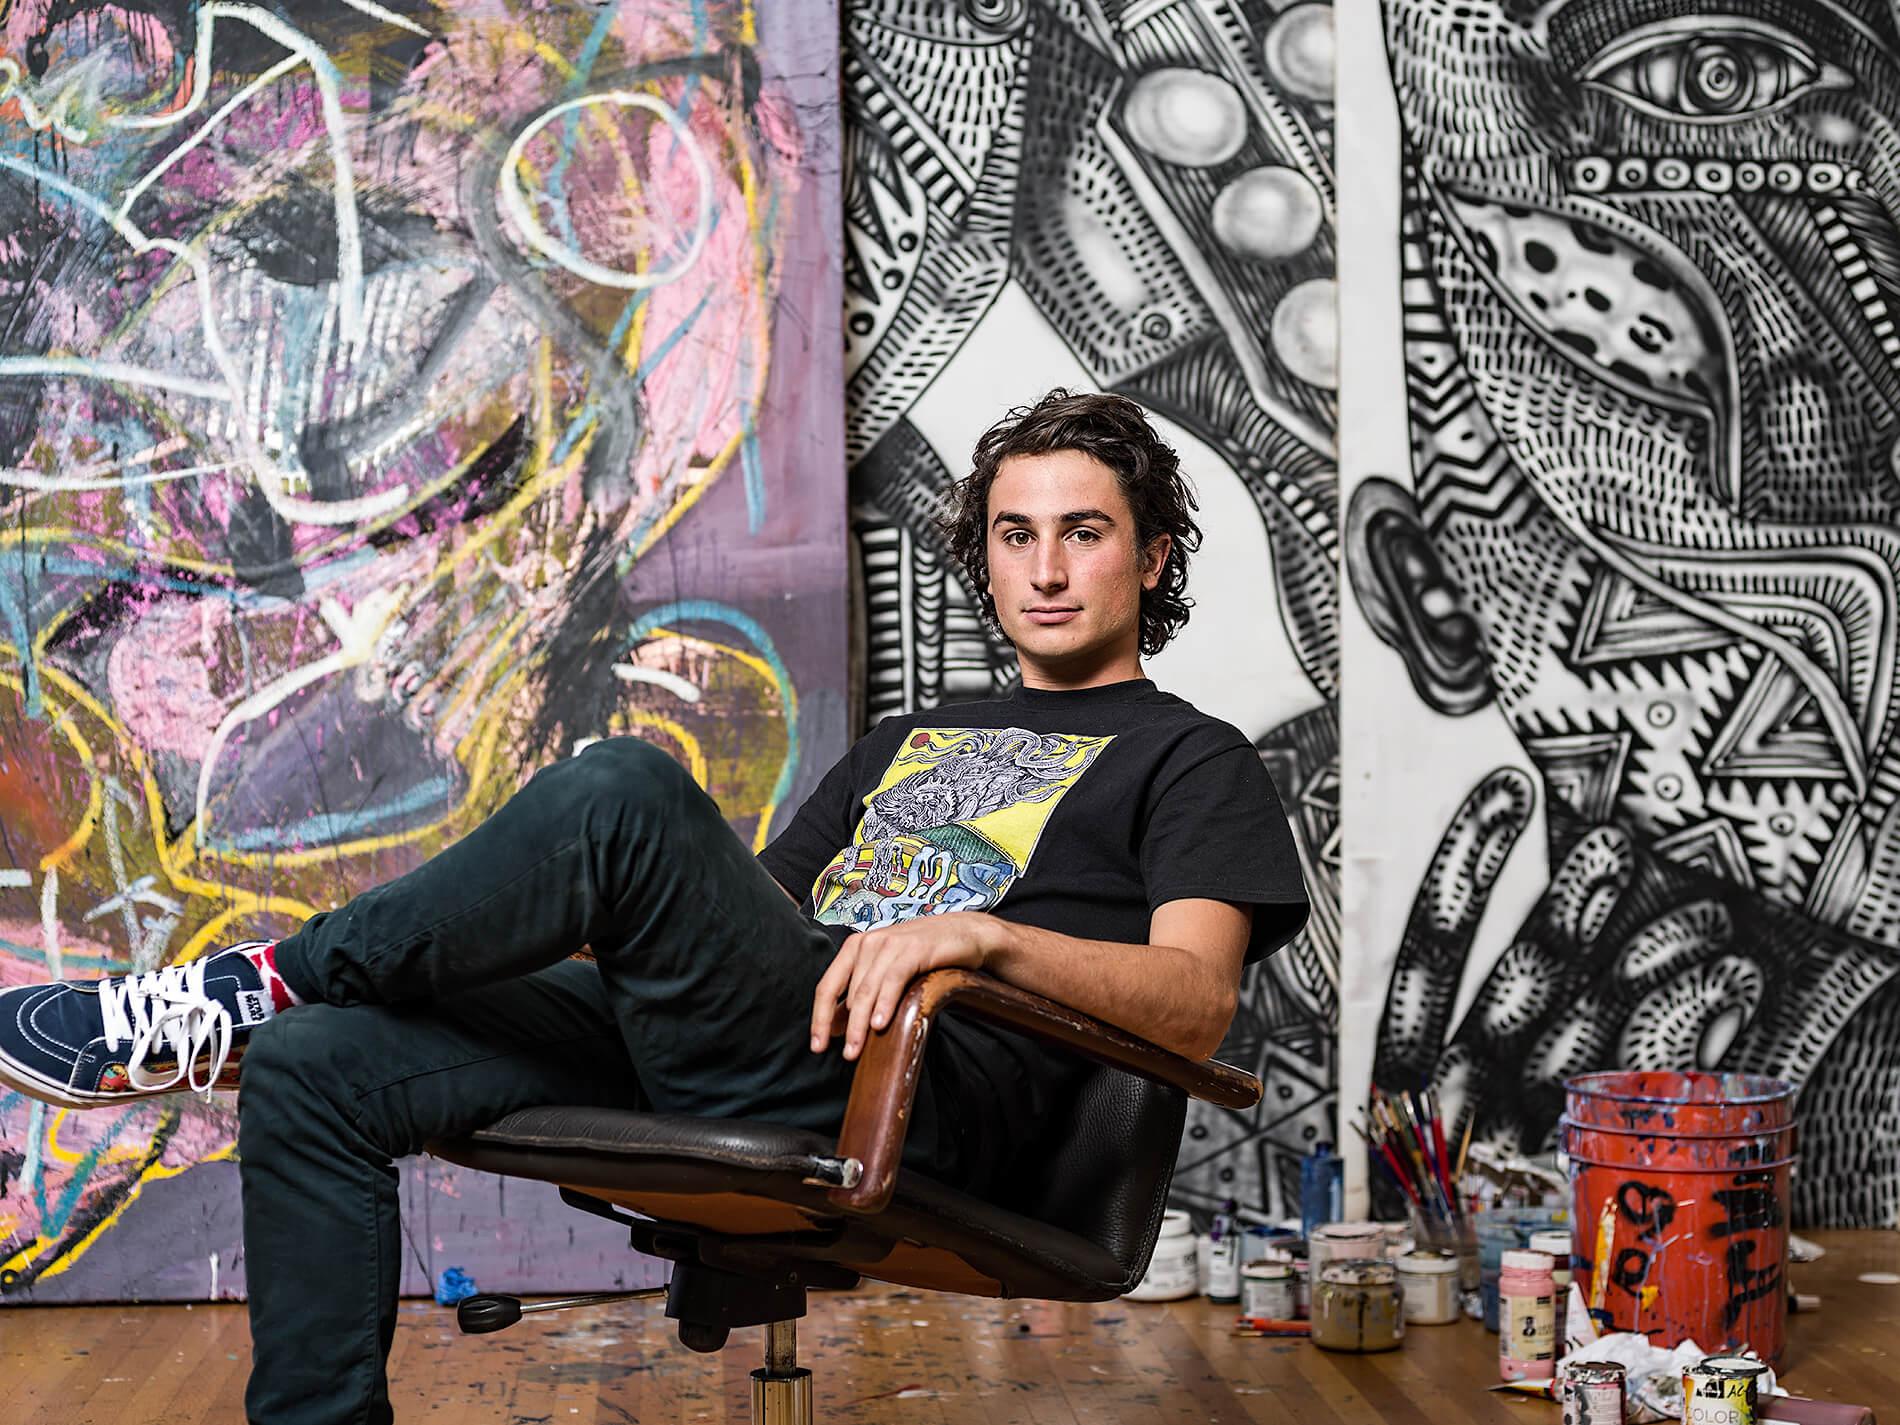 Artist Zio Ziegler in his studio